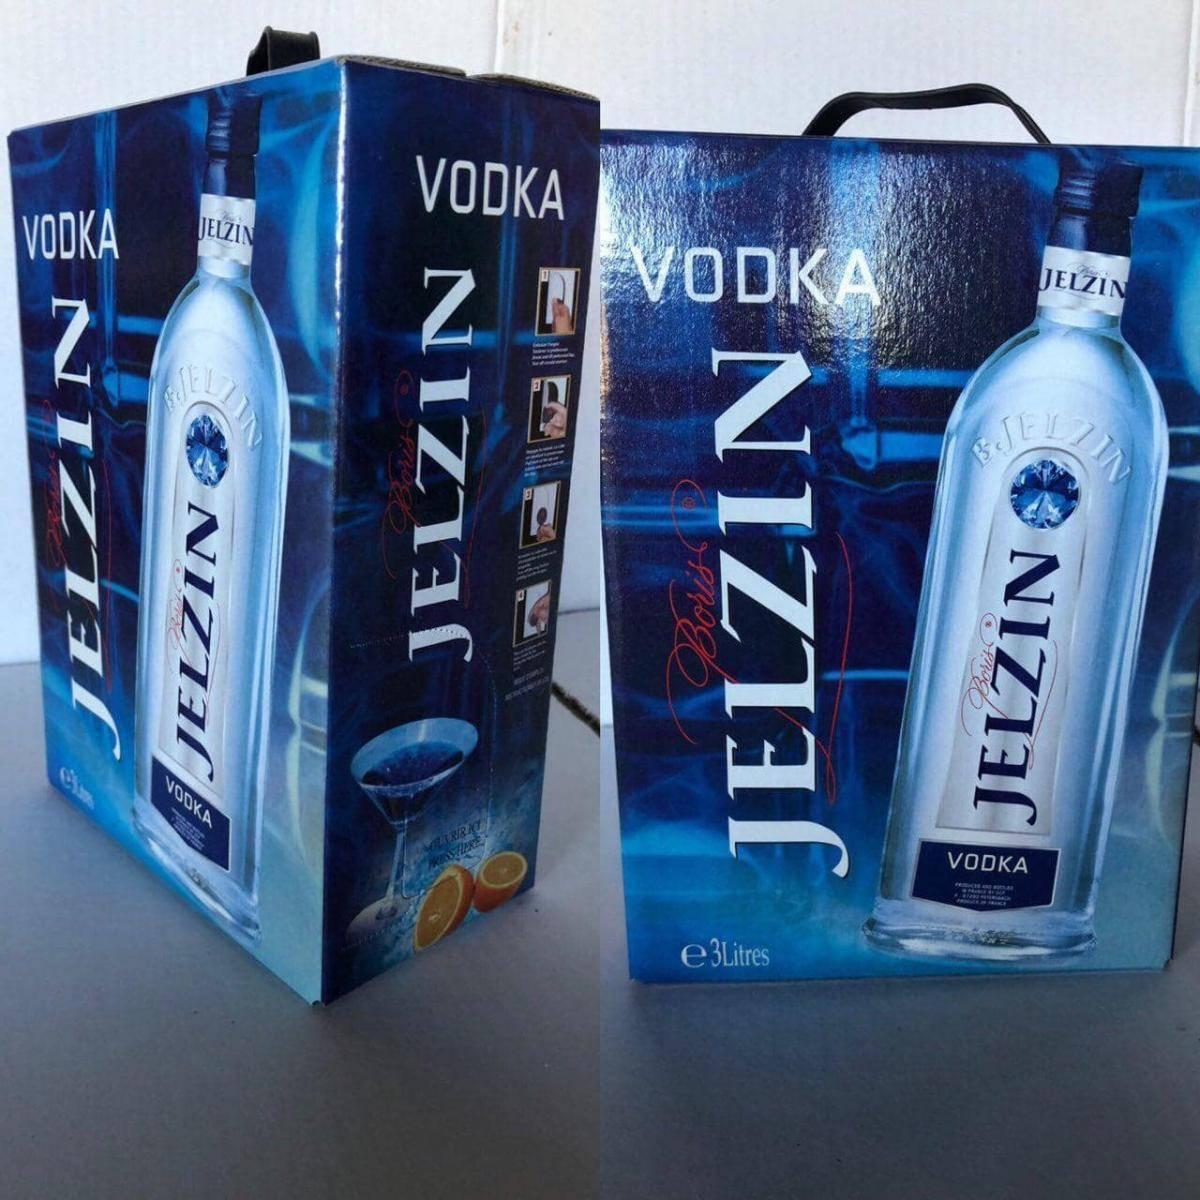 """Водка """"ельцин"""" - французское качество, доступное каждому"""